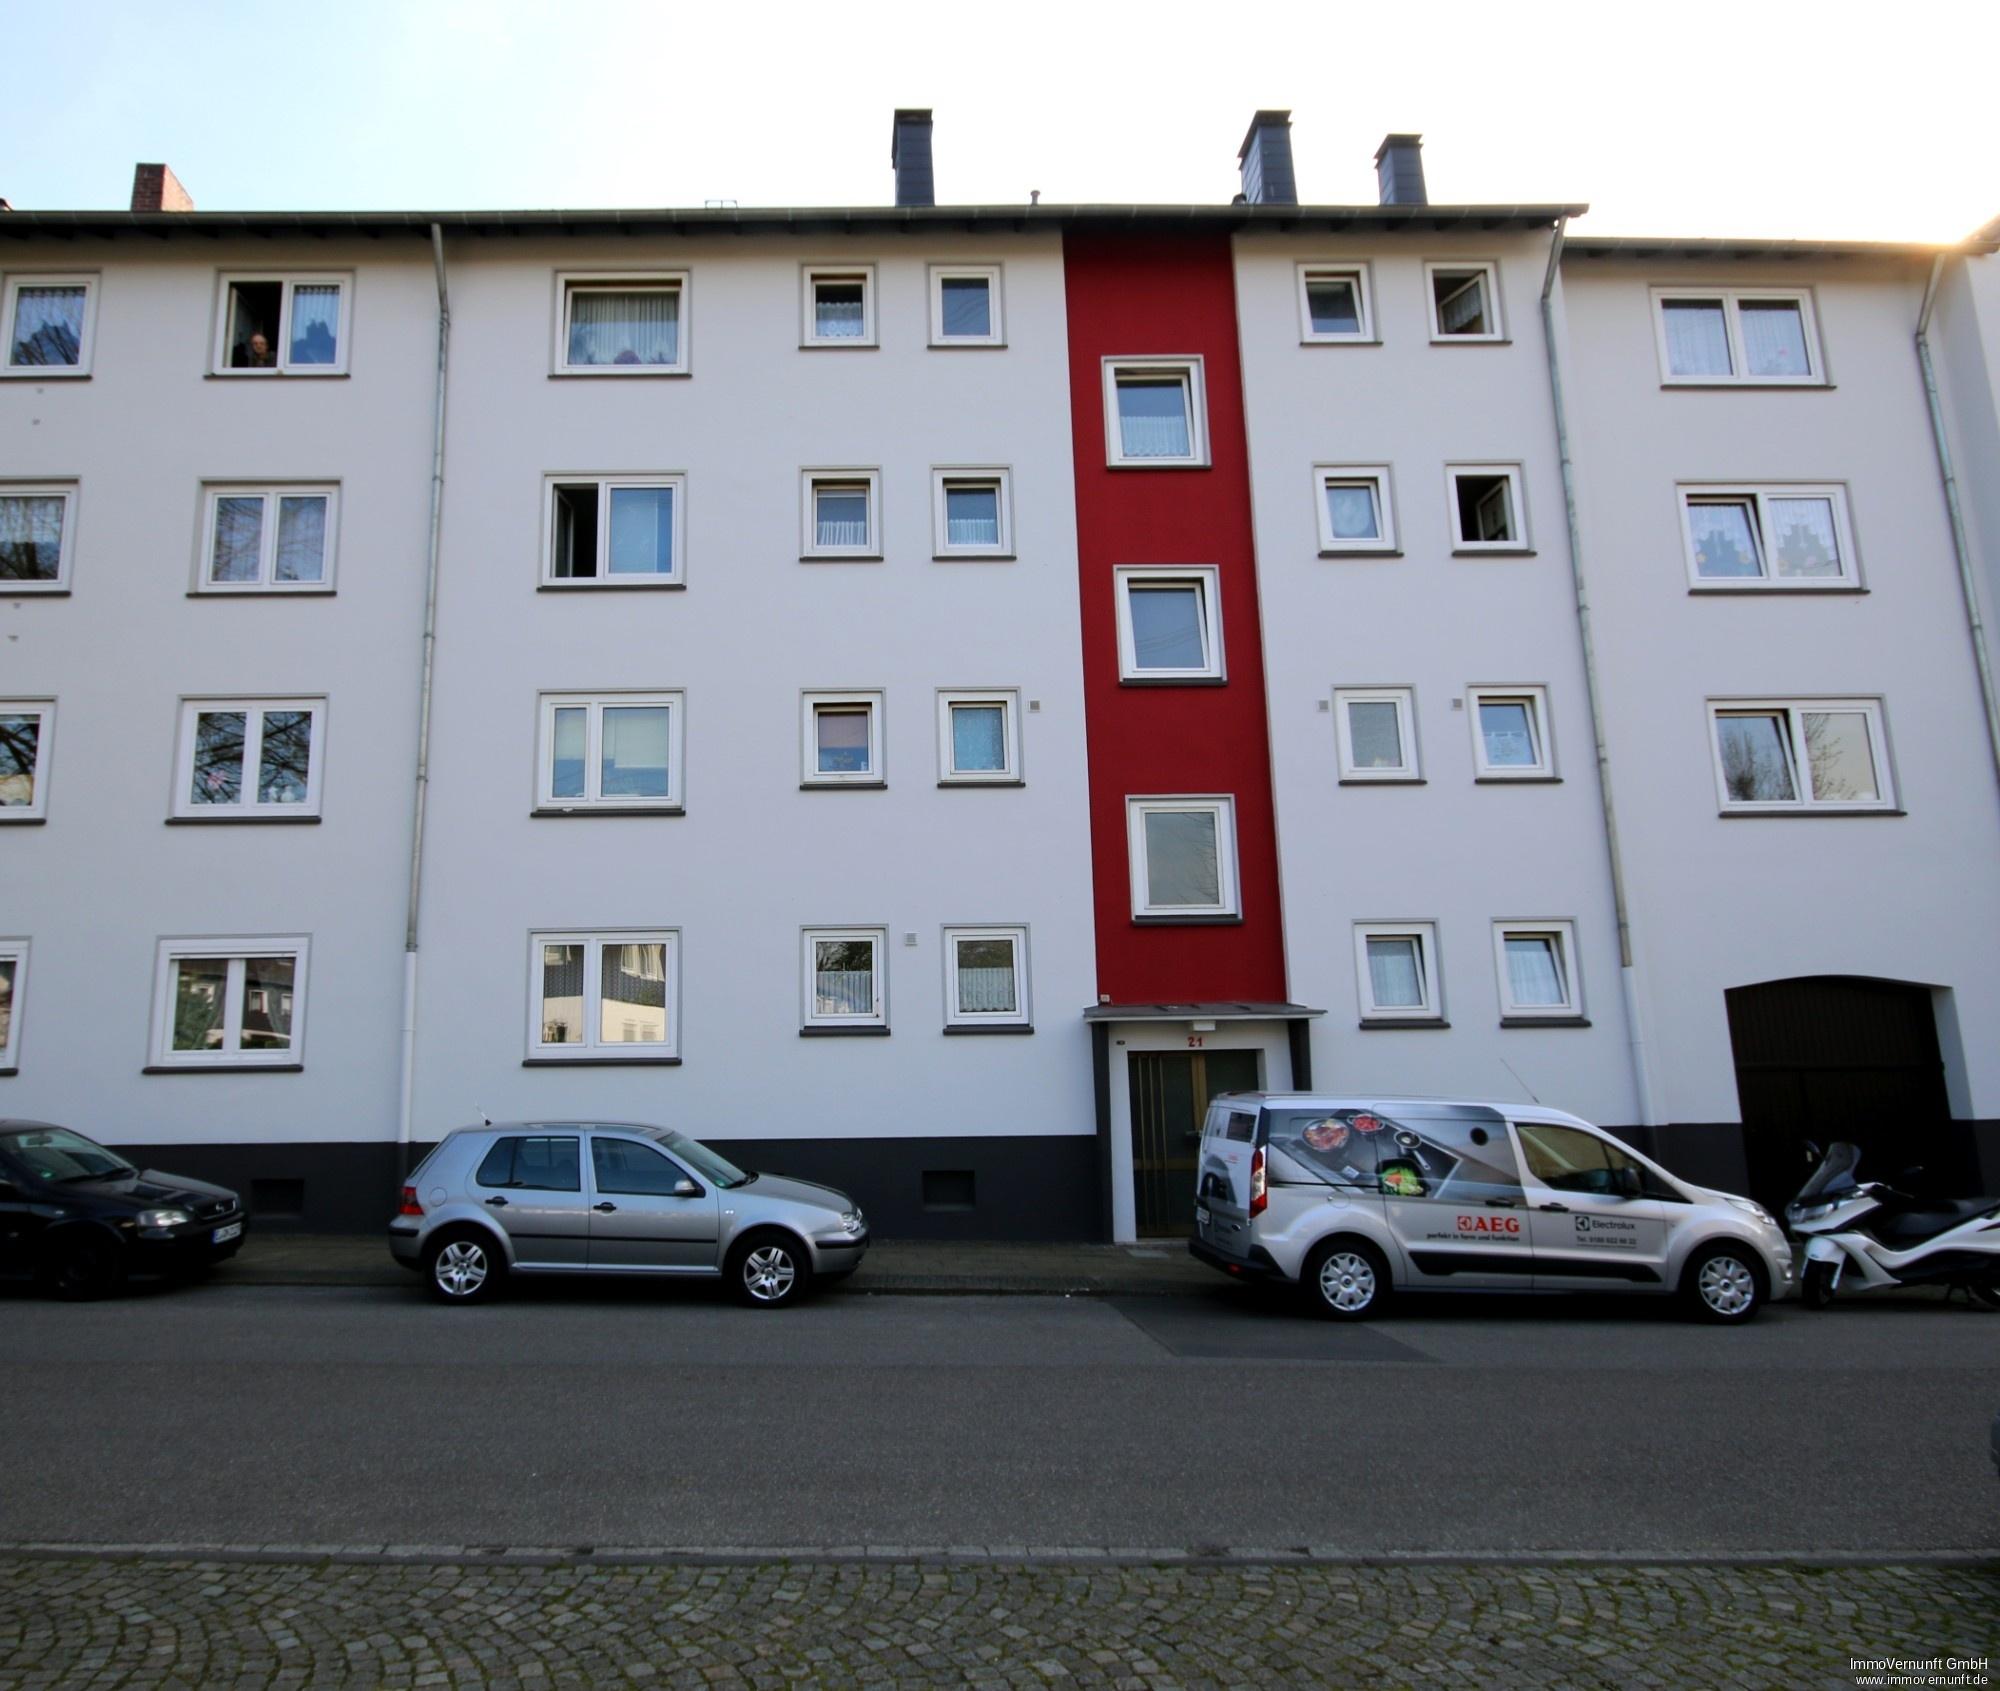 """""""Kapitalanlage !! schöne drei Zimmer Wohnung in Essen zu kaufen"""" 45143 Essen (Stadtbezirke III), Etagenwohnung"""